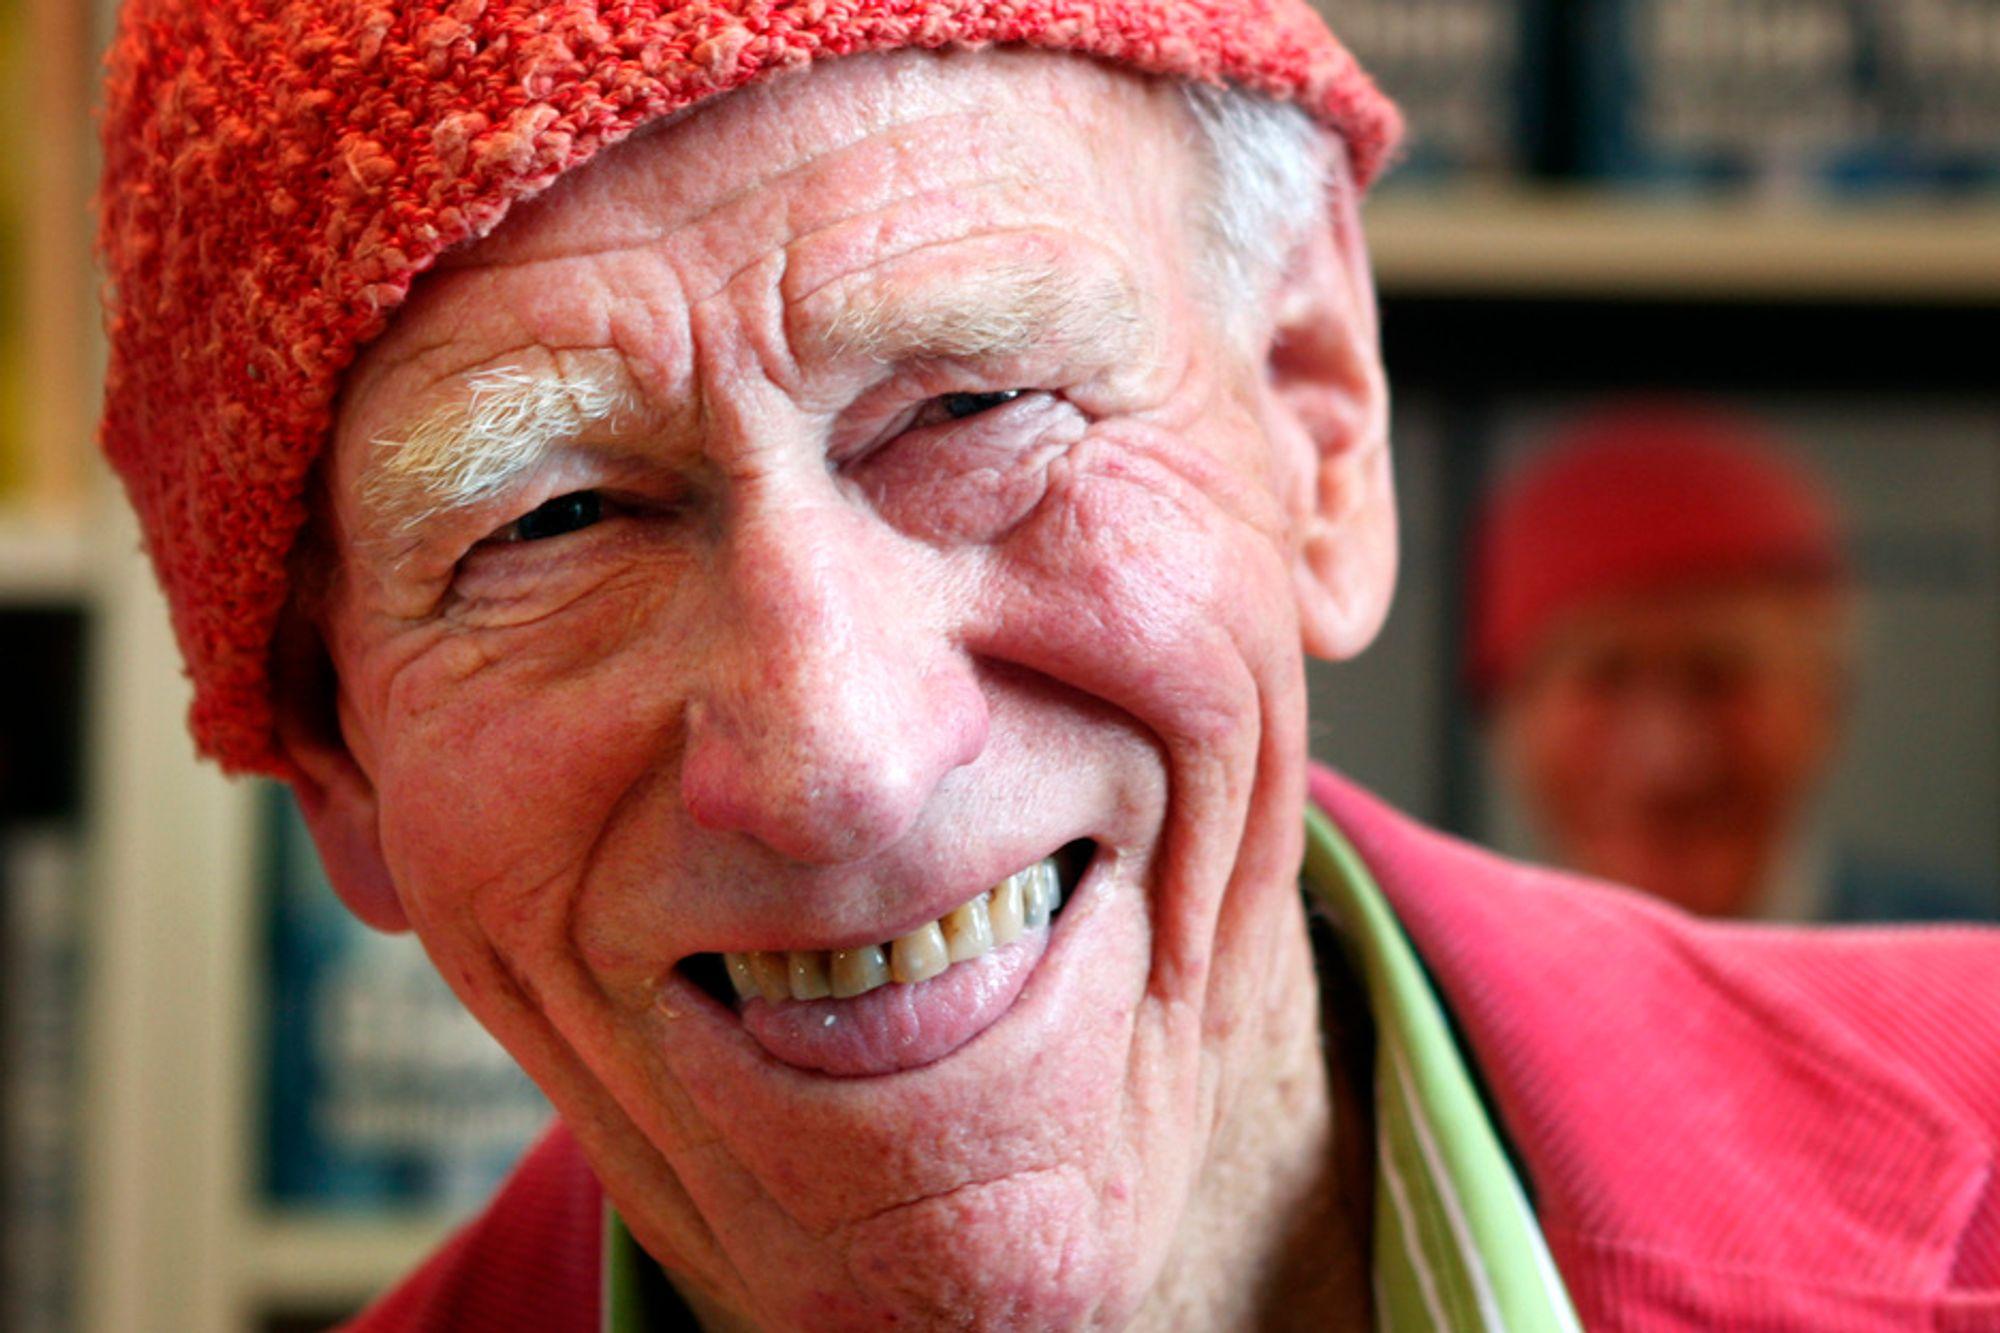 Biografien 'Olav Thon - Milliardær i anorakk», skrevet av Hallgrim Berg, ble sluppet fredag. Thon sier nå at han vil at milliardformuen skal gå til forskning på realfag og medisin.